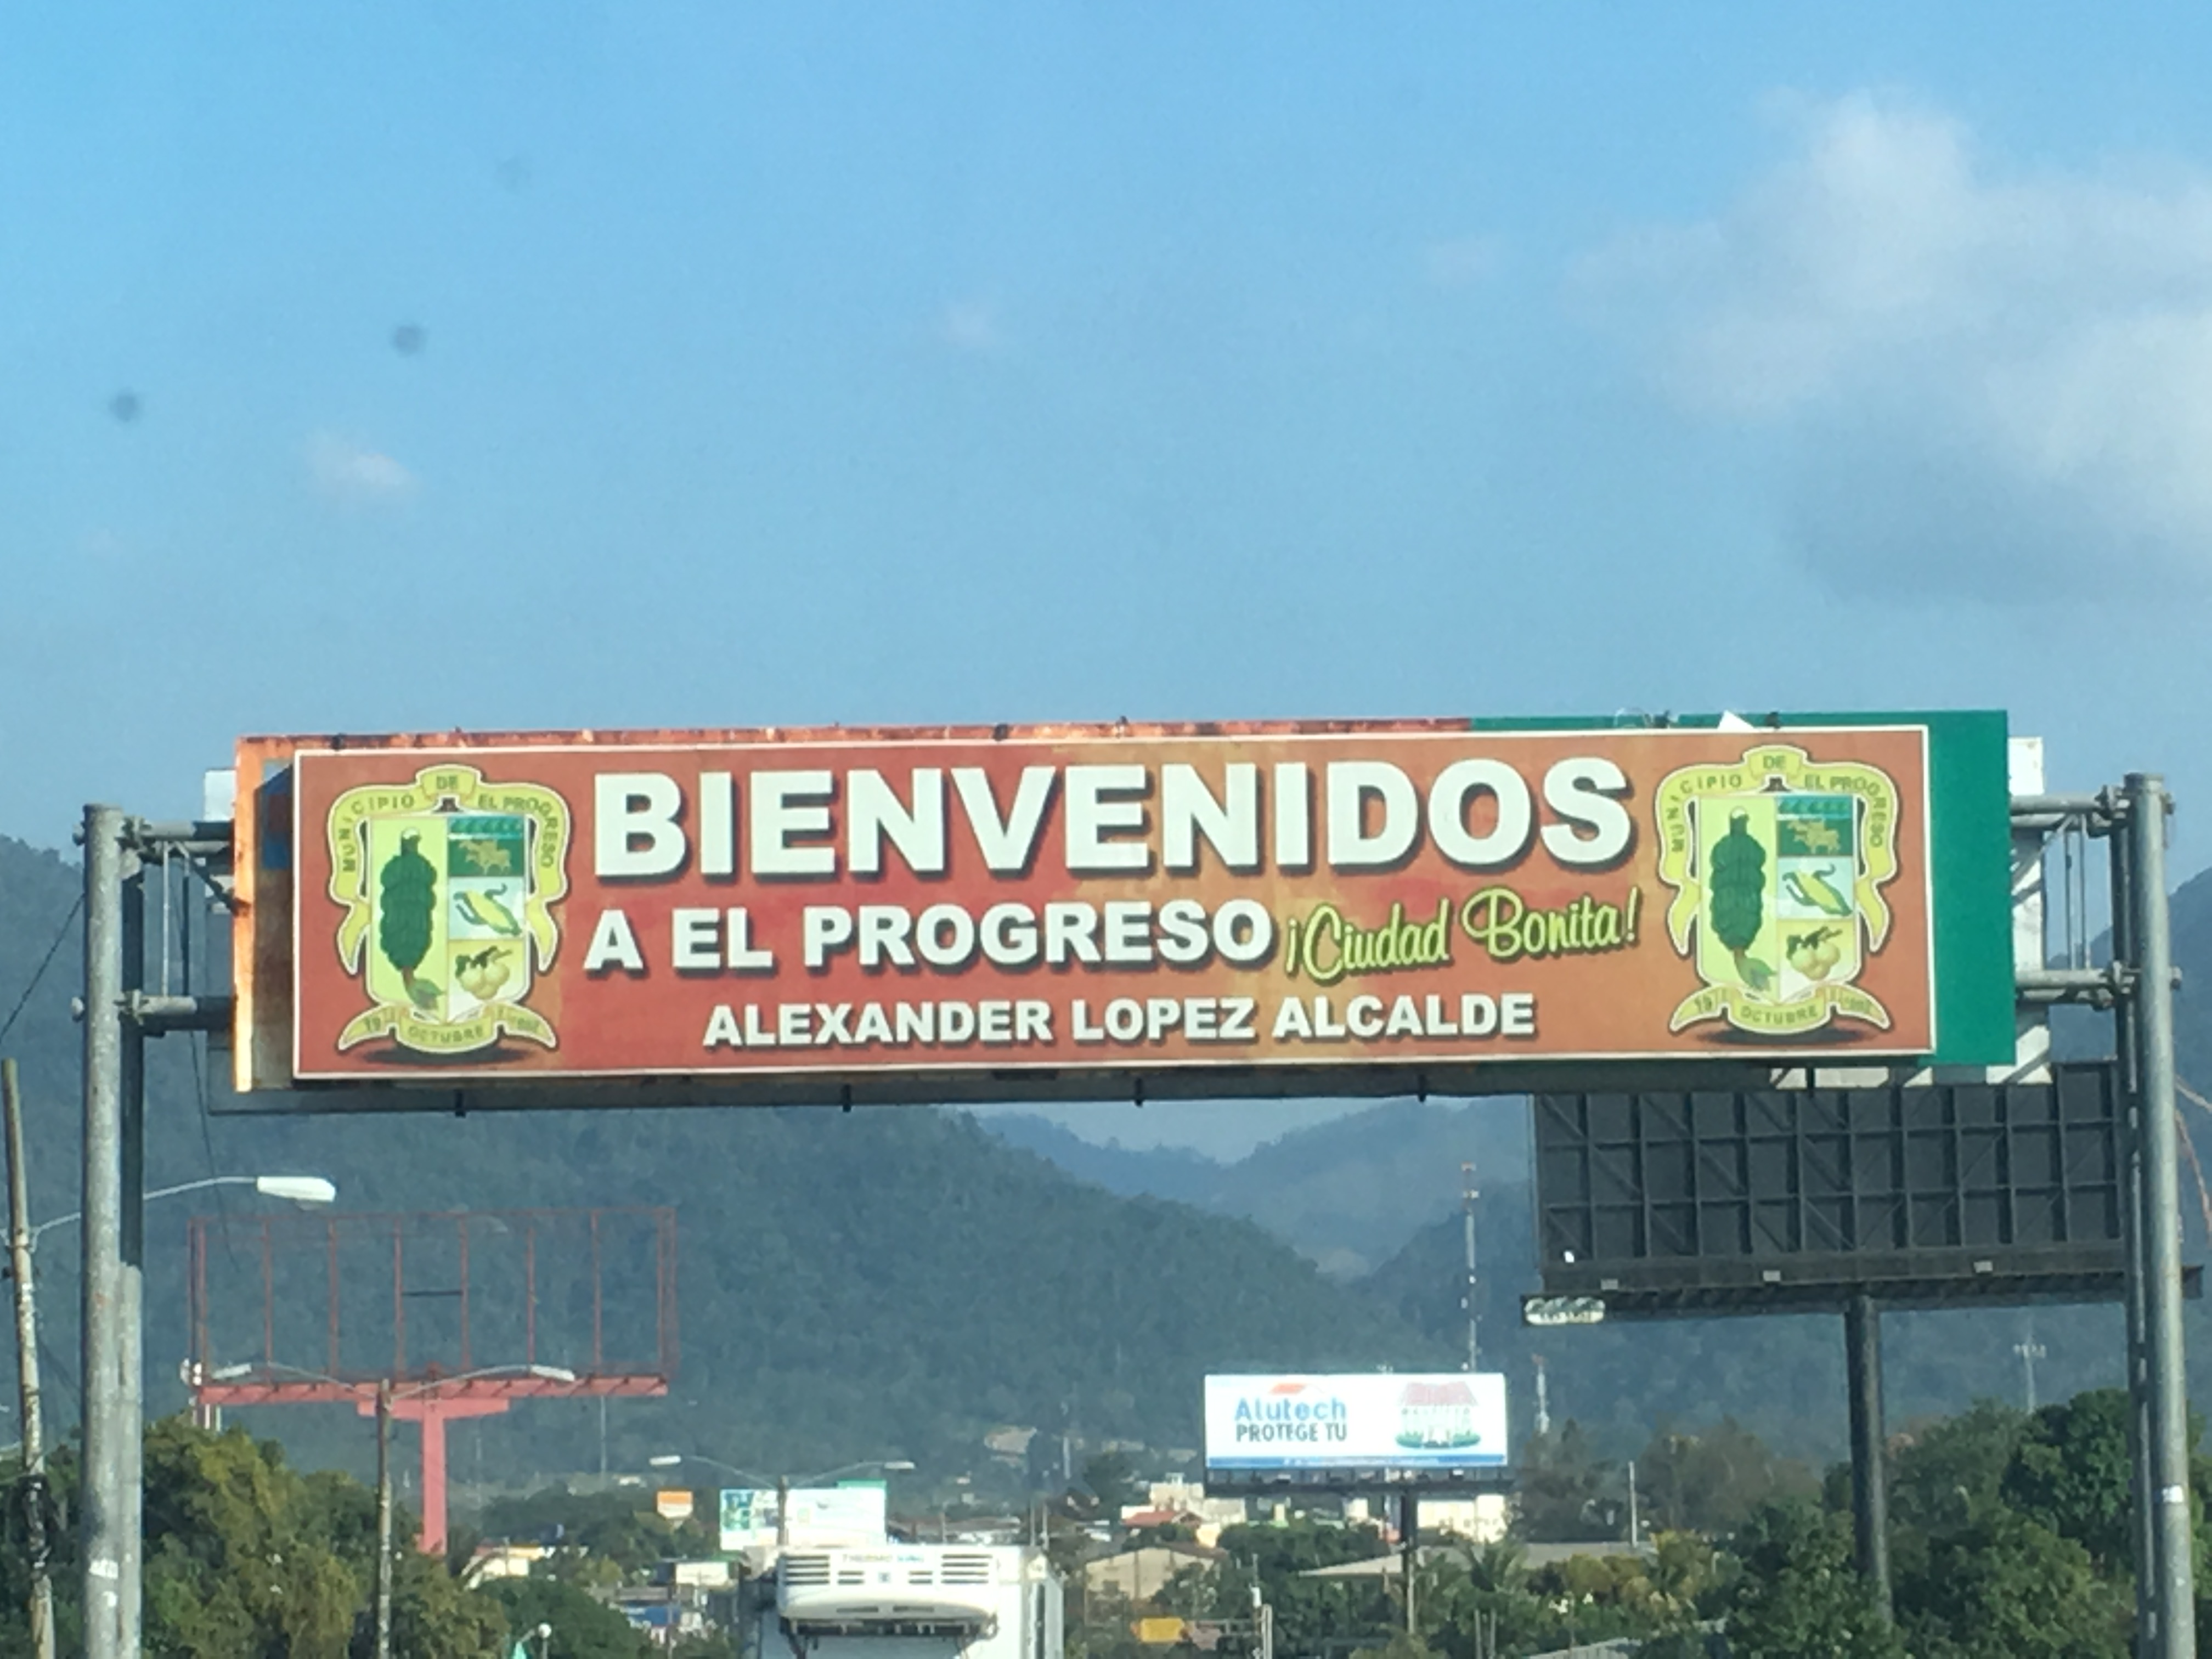 Welcome to El Progreso